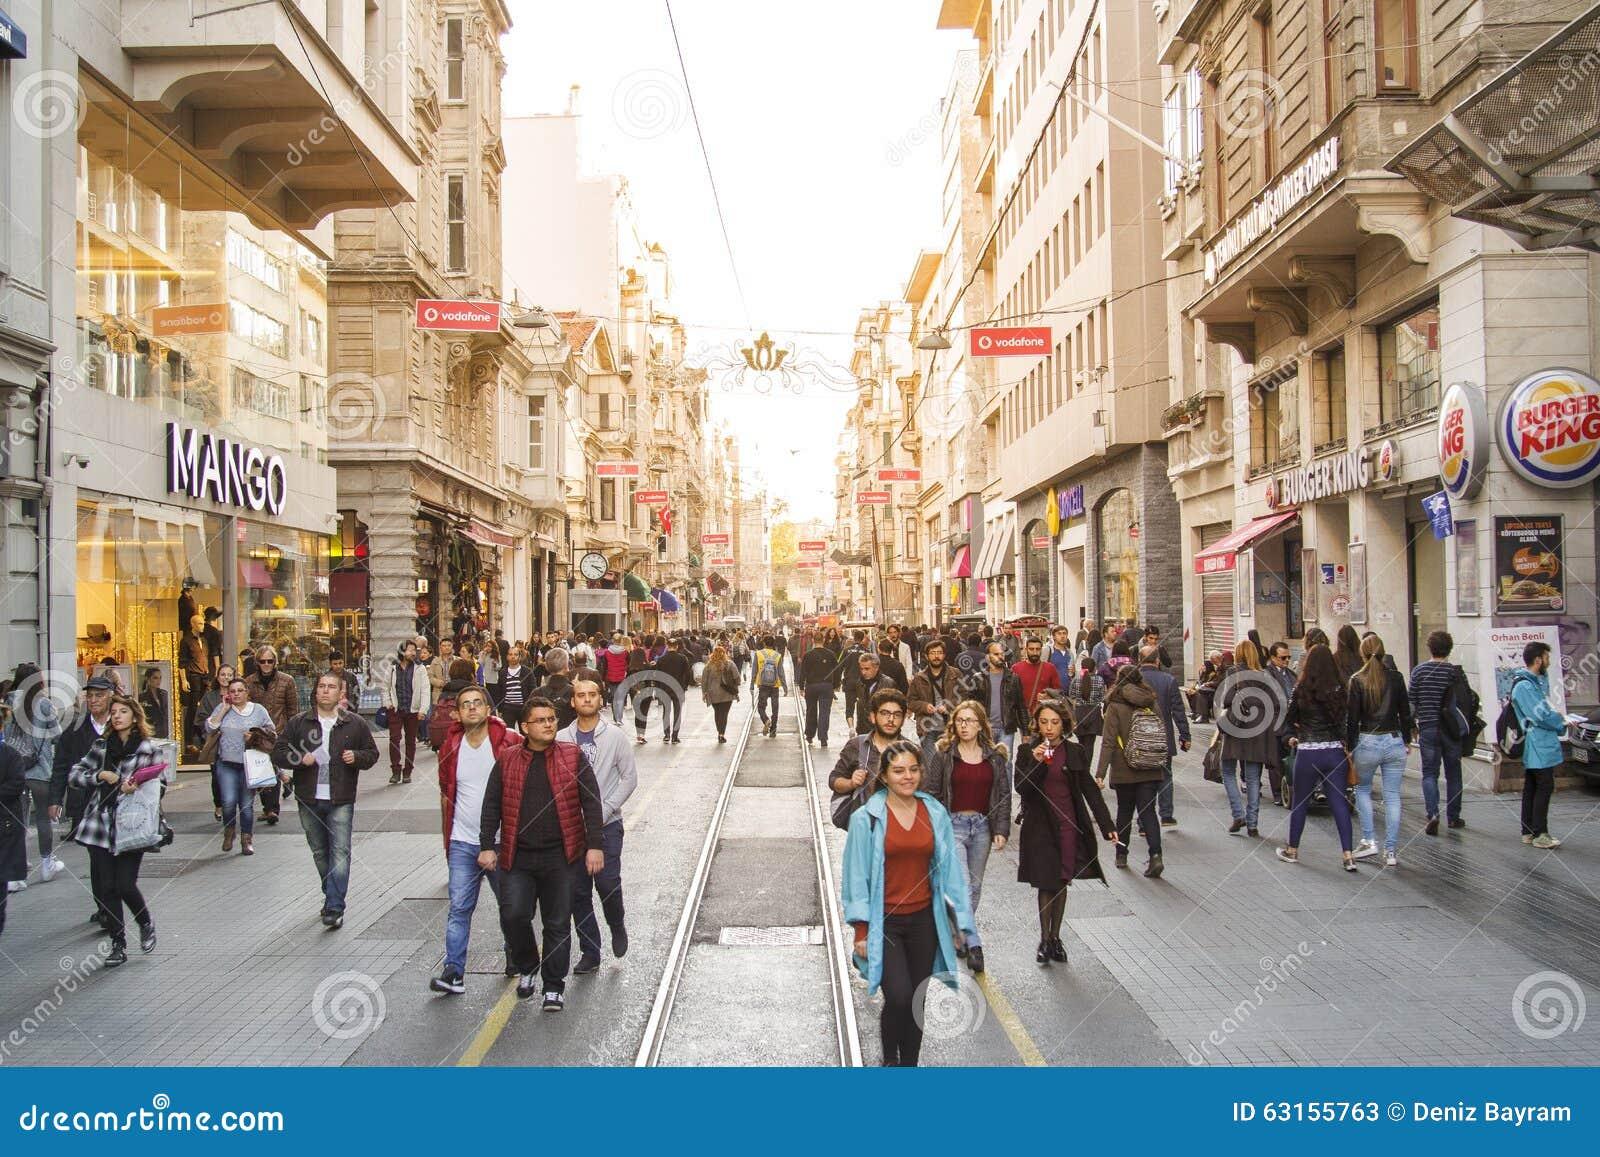 Beyoglu Turkey  city photos gallery : istanbul istiklal street taksim beyoglu turkey november 63155763